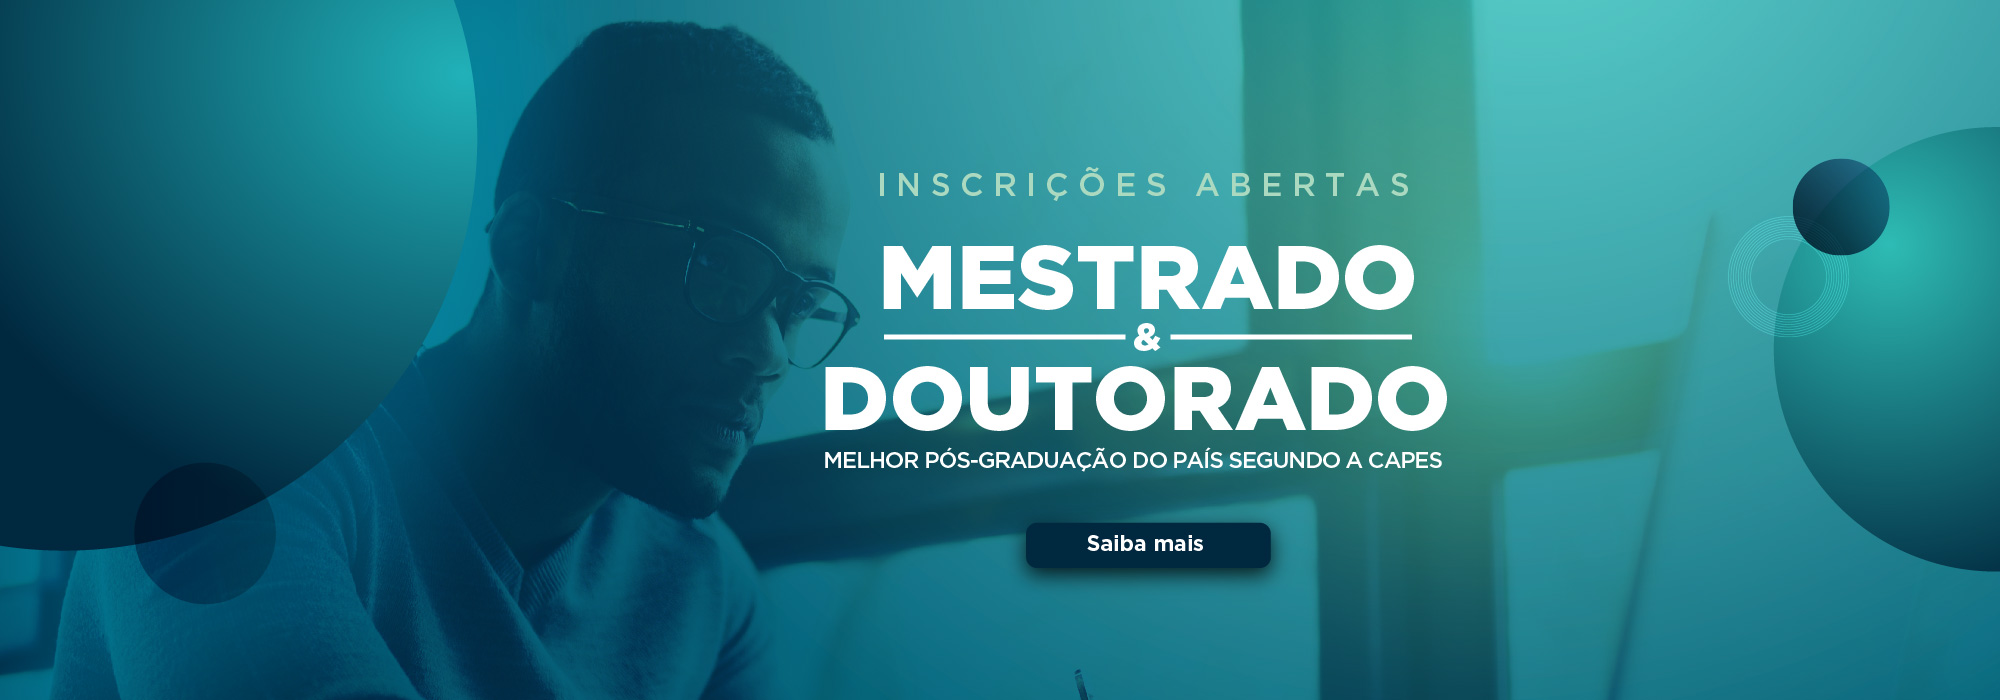 Inscrições Abertas Mestrado e Doutorado PUCRS - Melhor Pós-Graduação do País Segundo a Capes